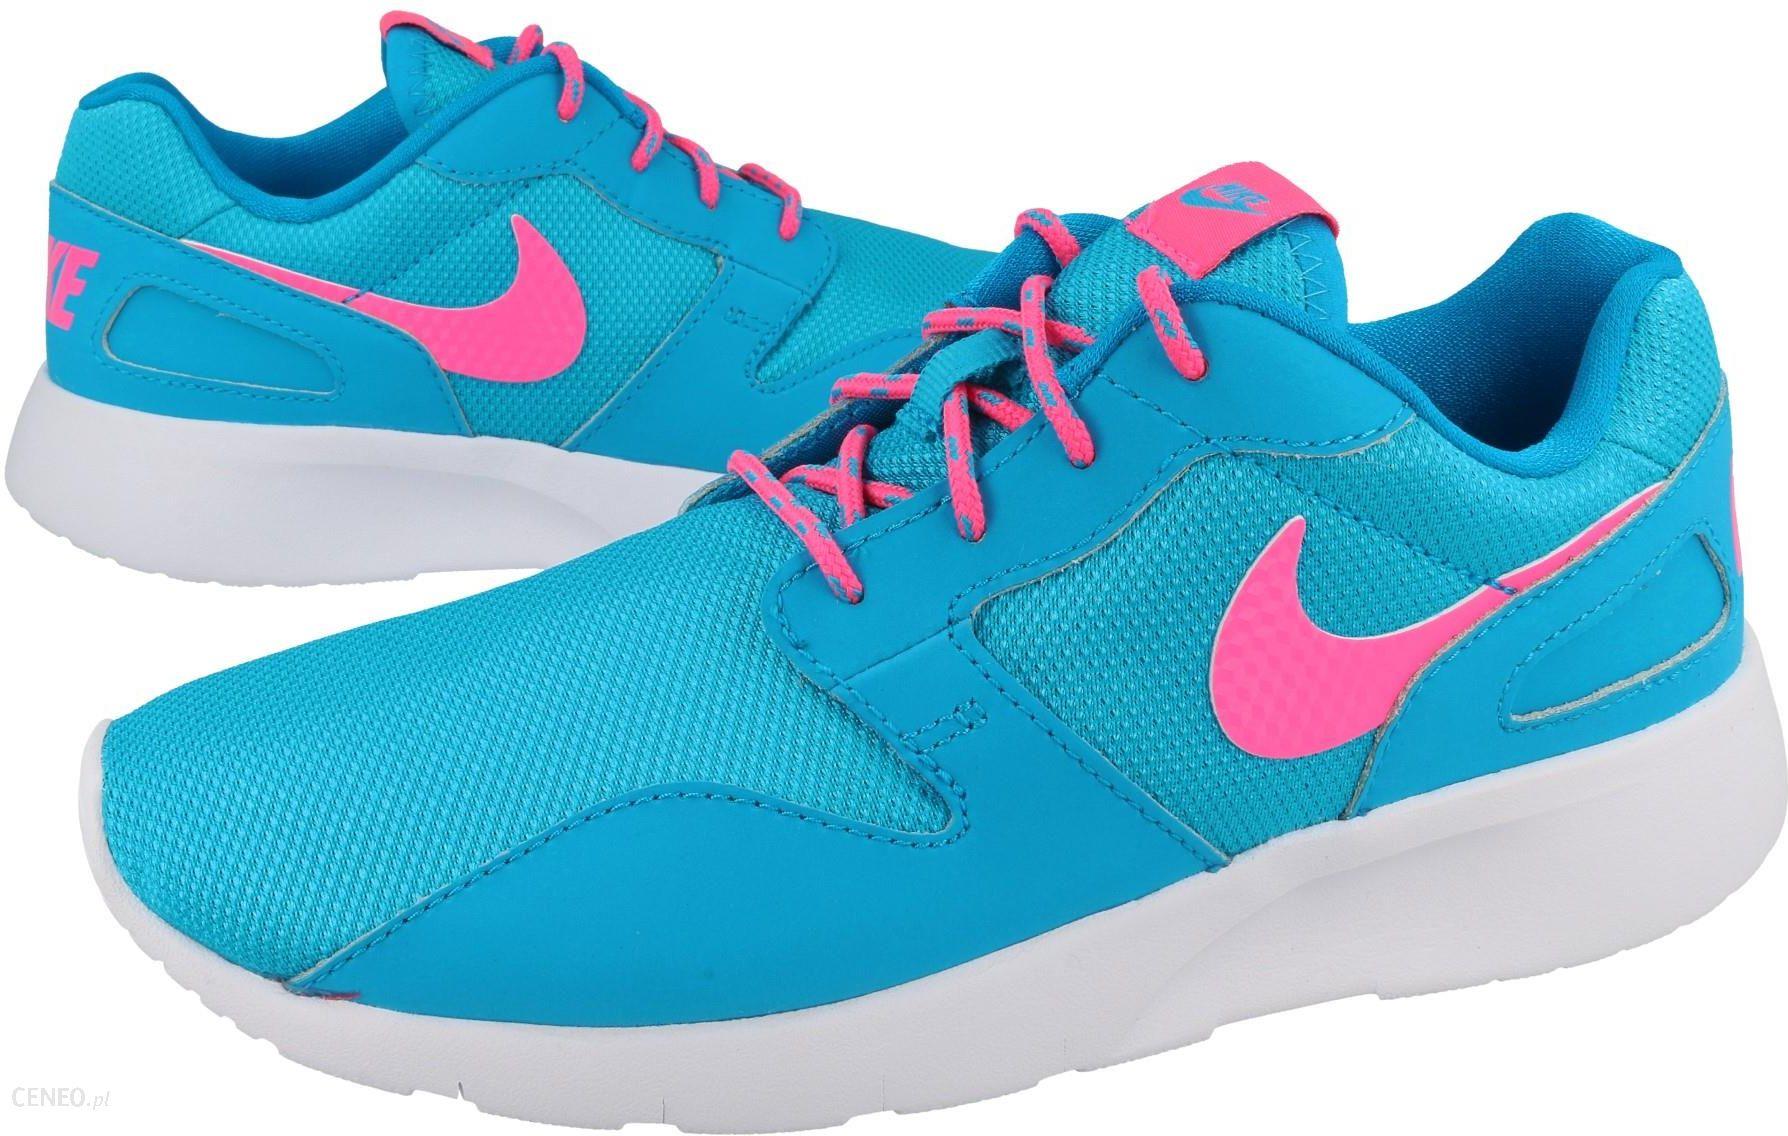 ef8380a9f193 Buty damskie Nike Kaishi Gs 705492-400 36